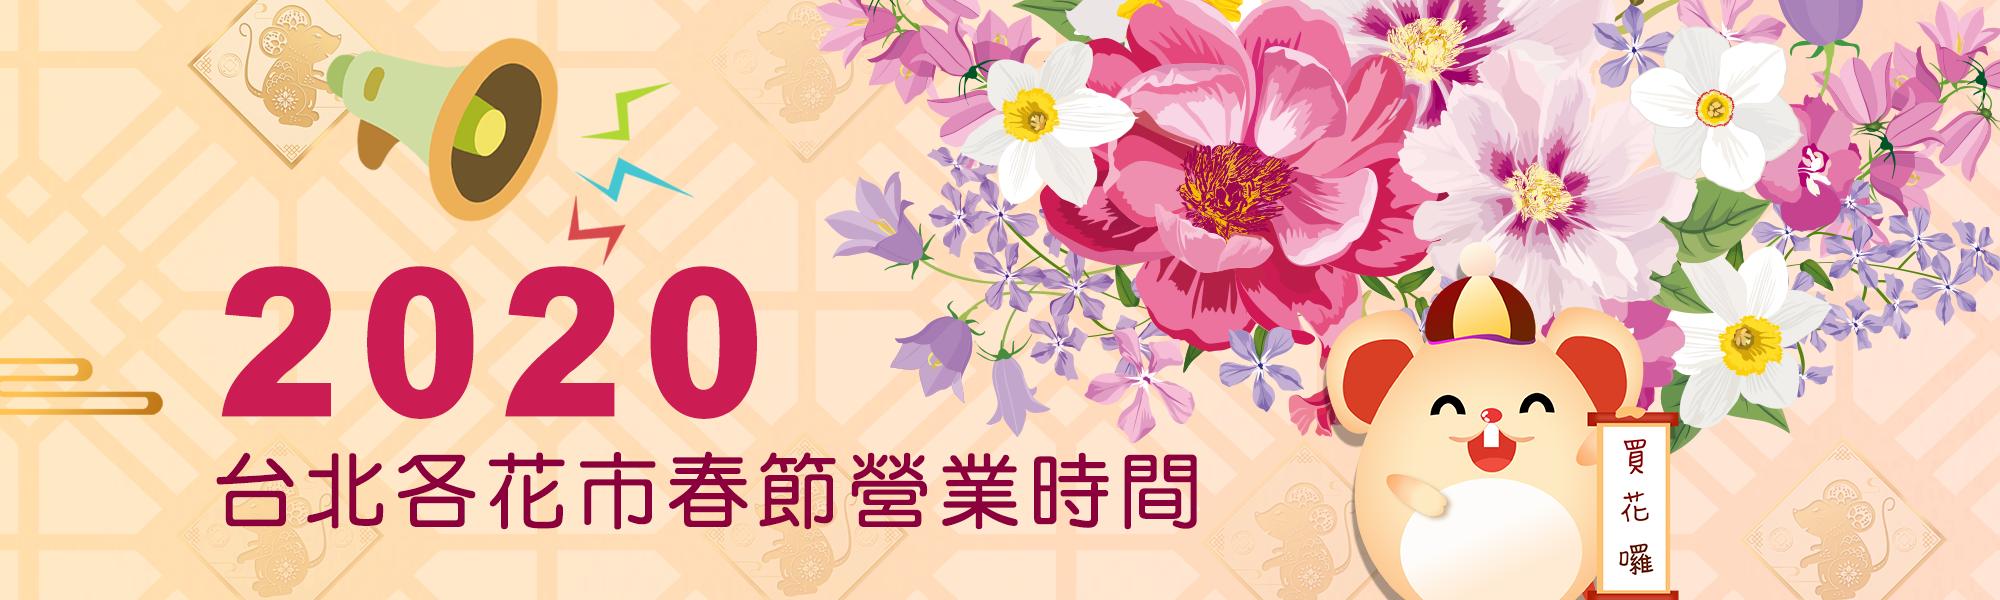 【2020台北各大花市春節營業時間】